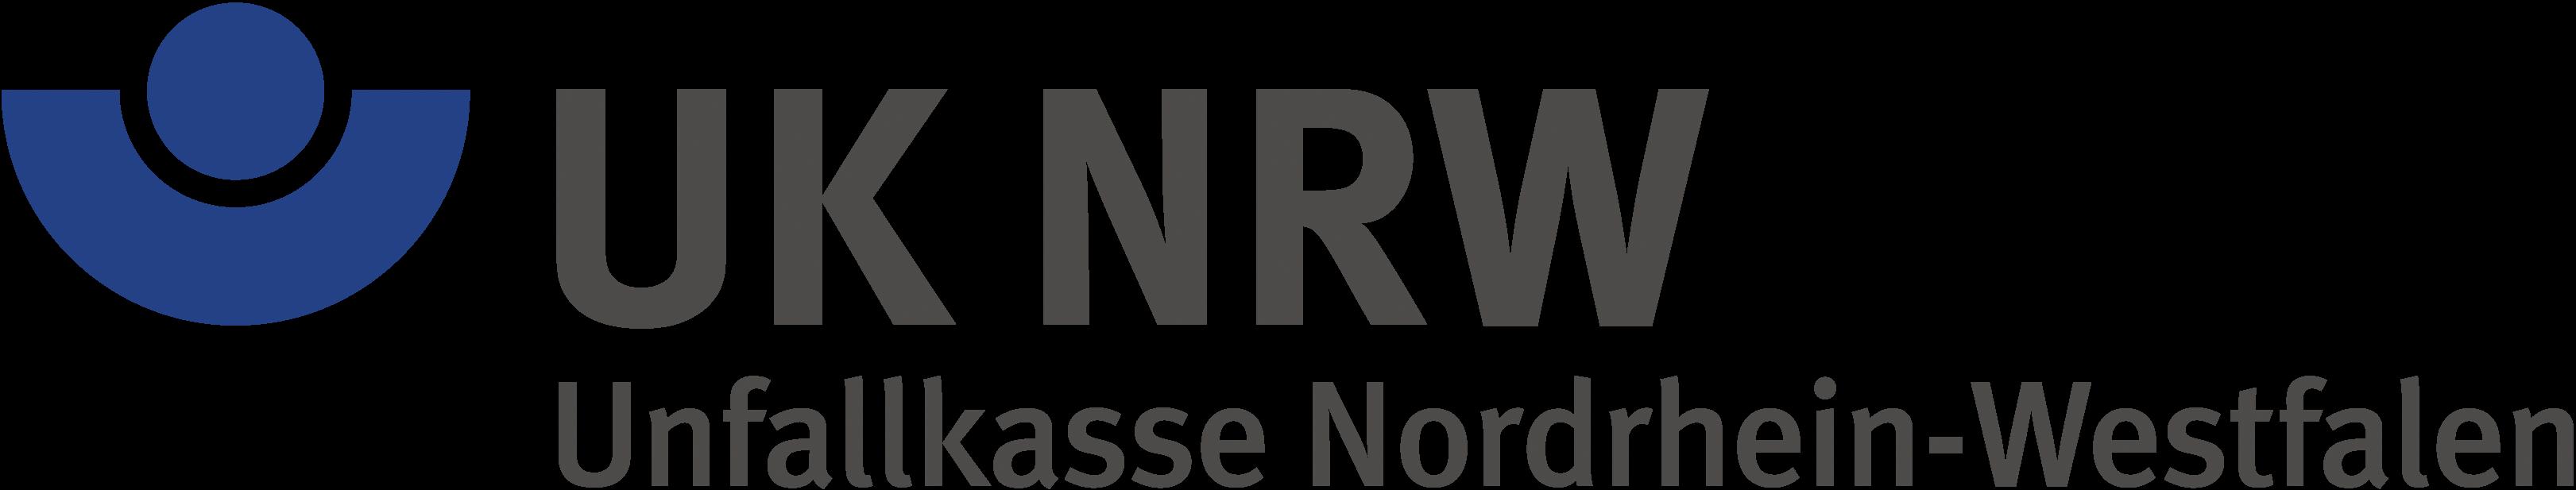 Unfallkasse Nordrhein-Westfalen